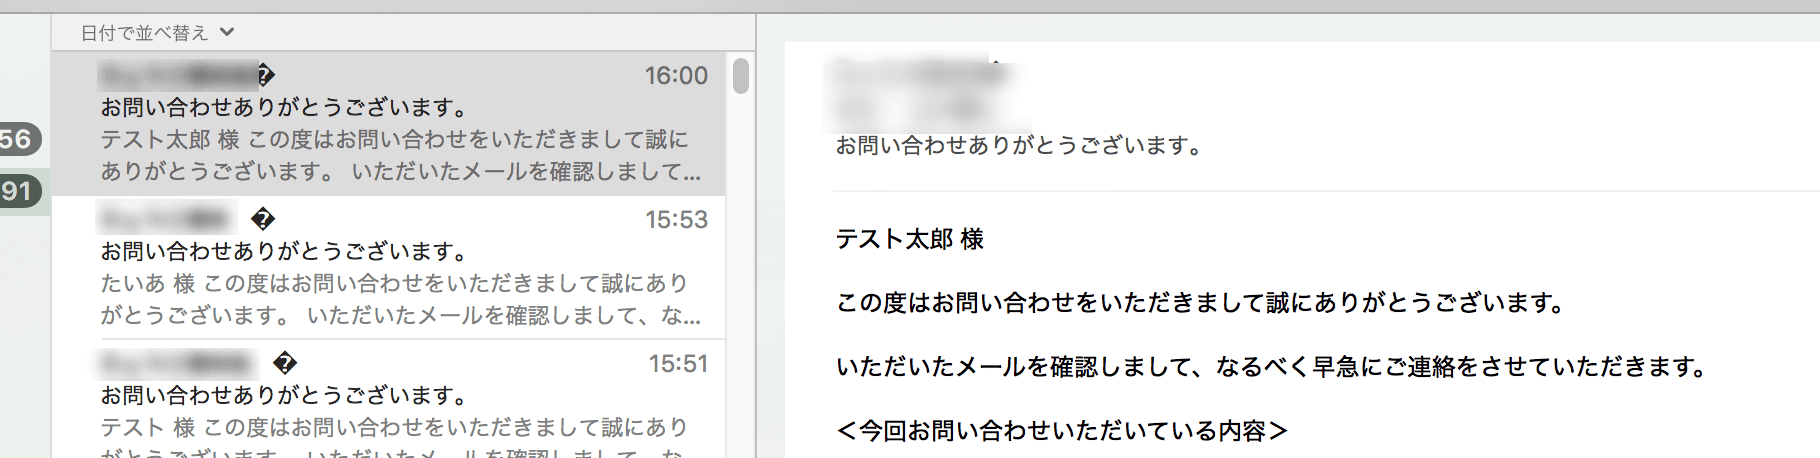 WordPressプラグイン「Contact Form7」で差出人名の一部が文字化けした事例